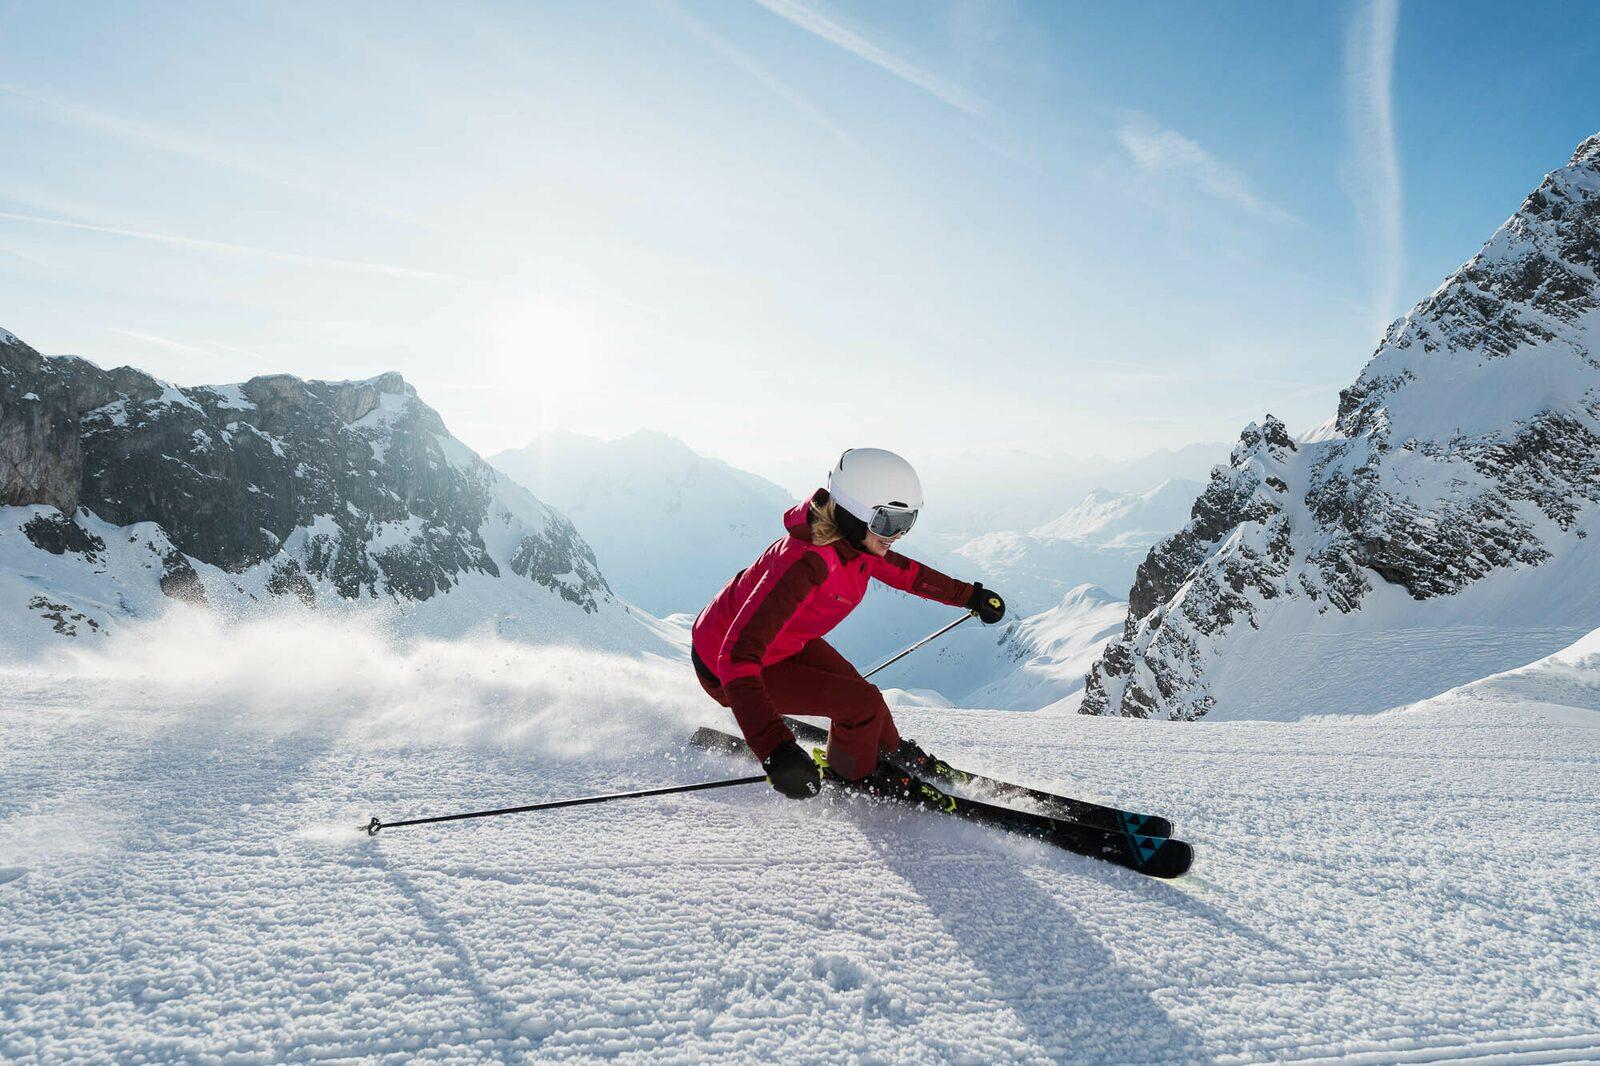 Ski area Ski Arlberg